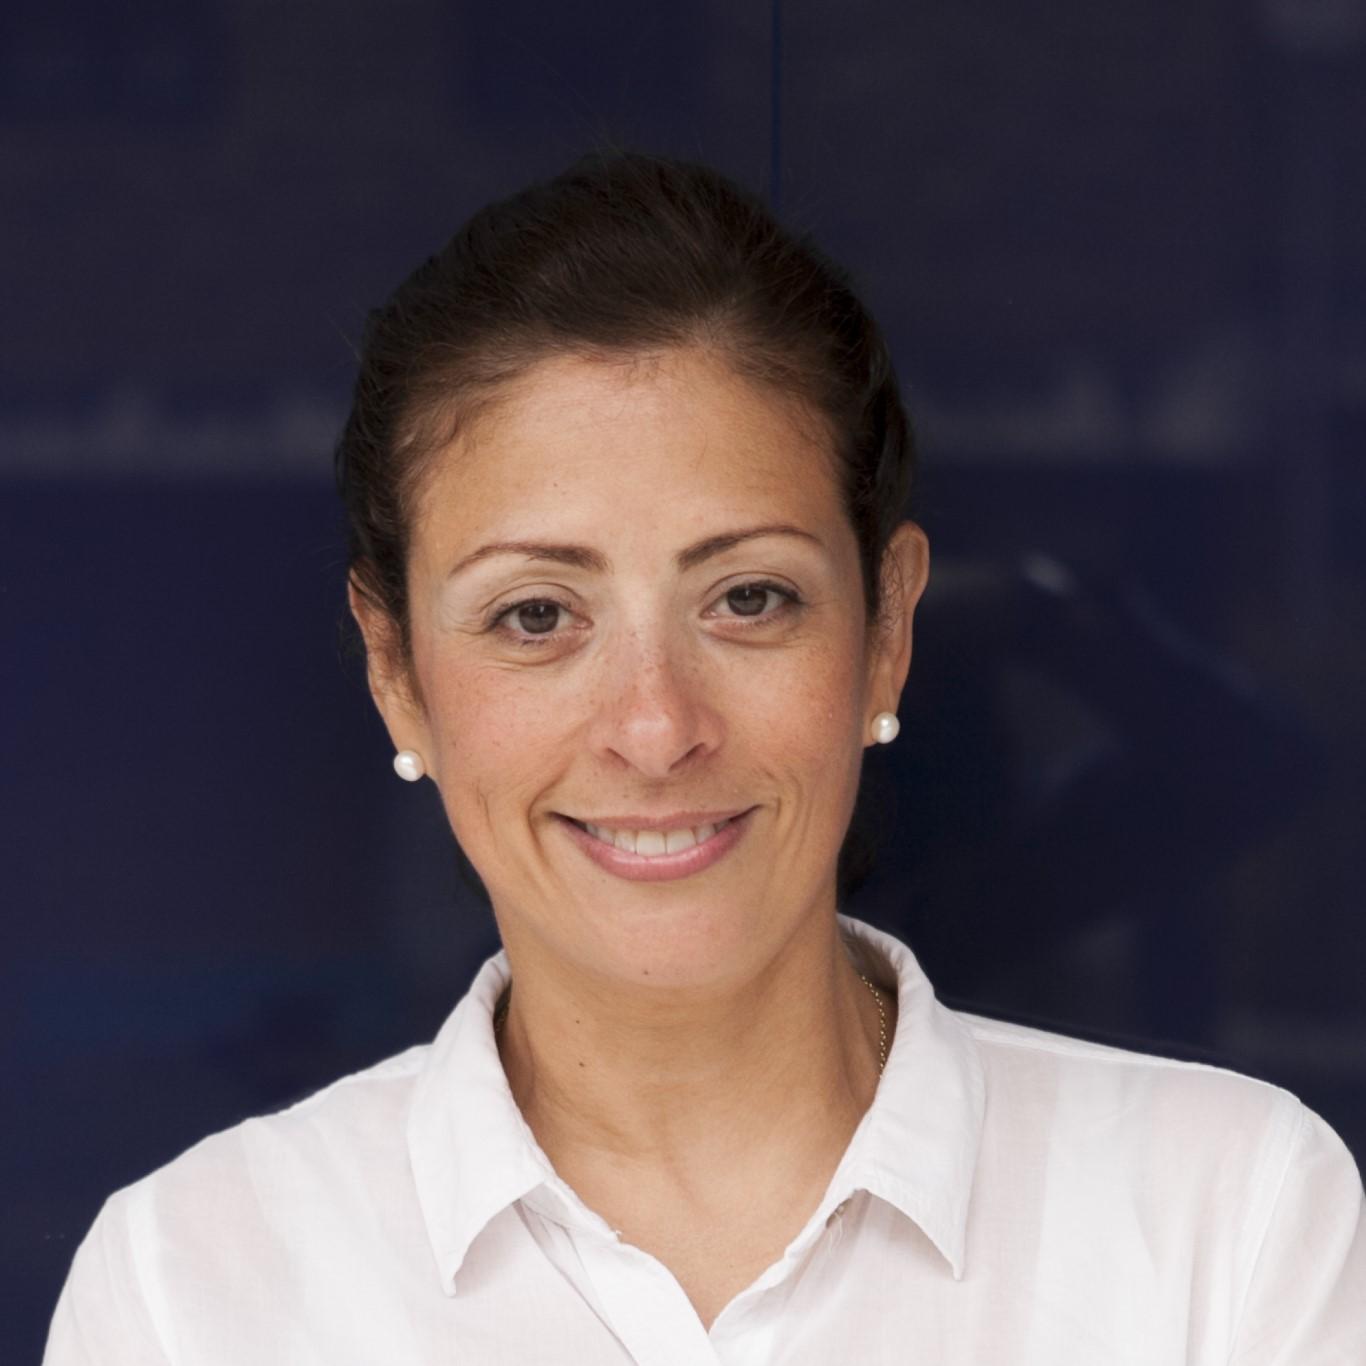 Romi Miller